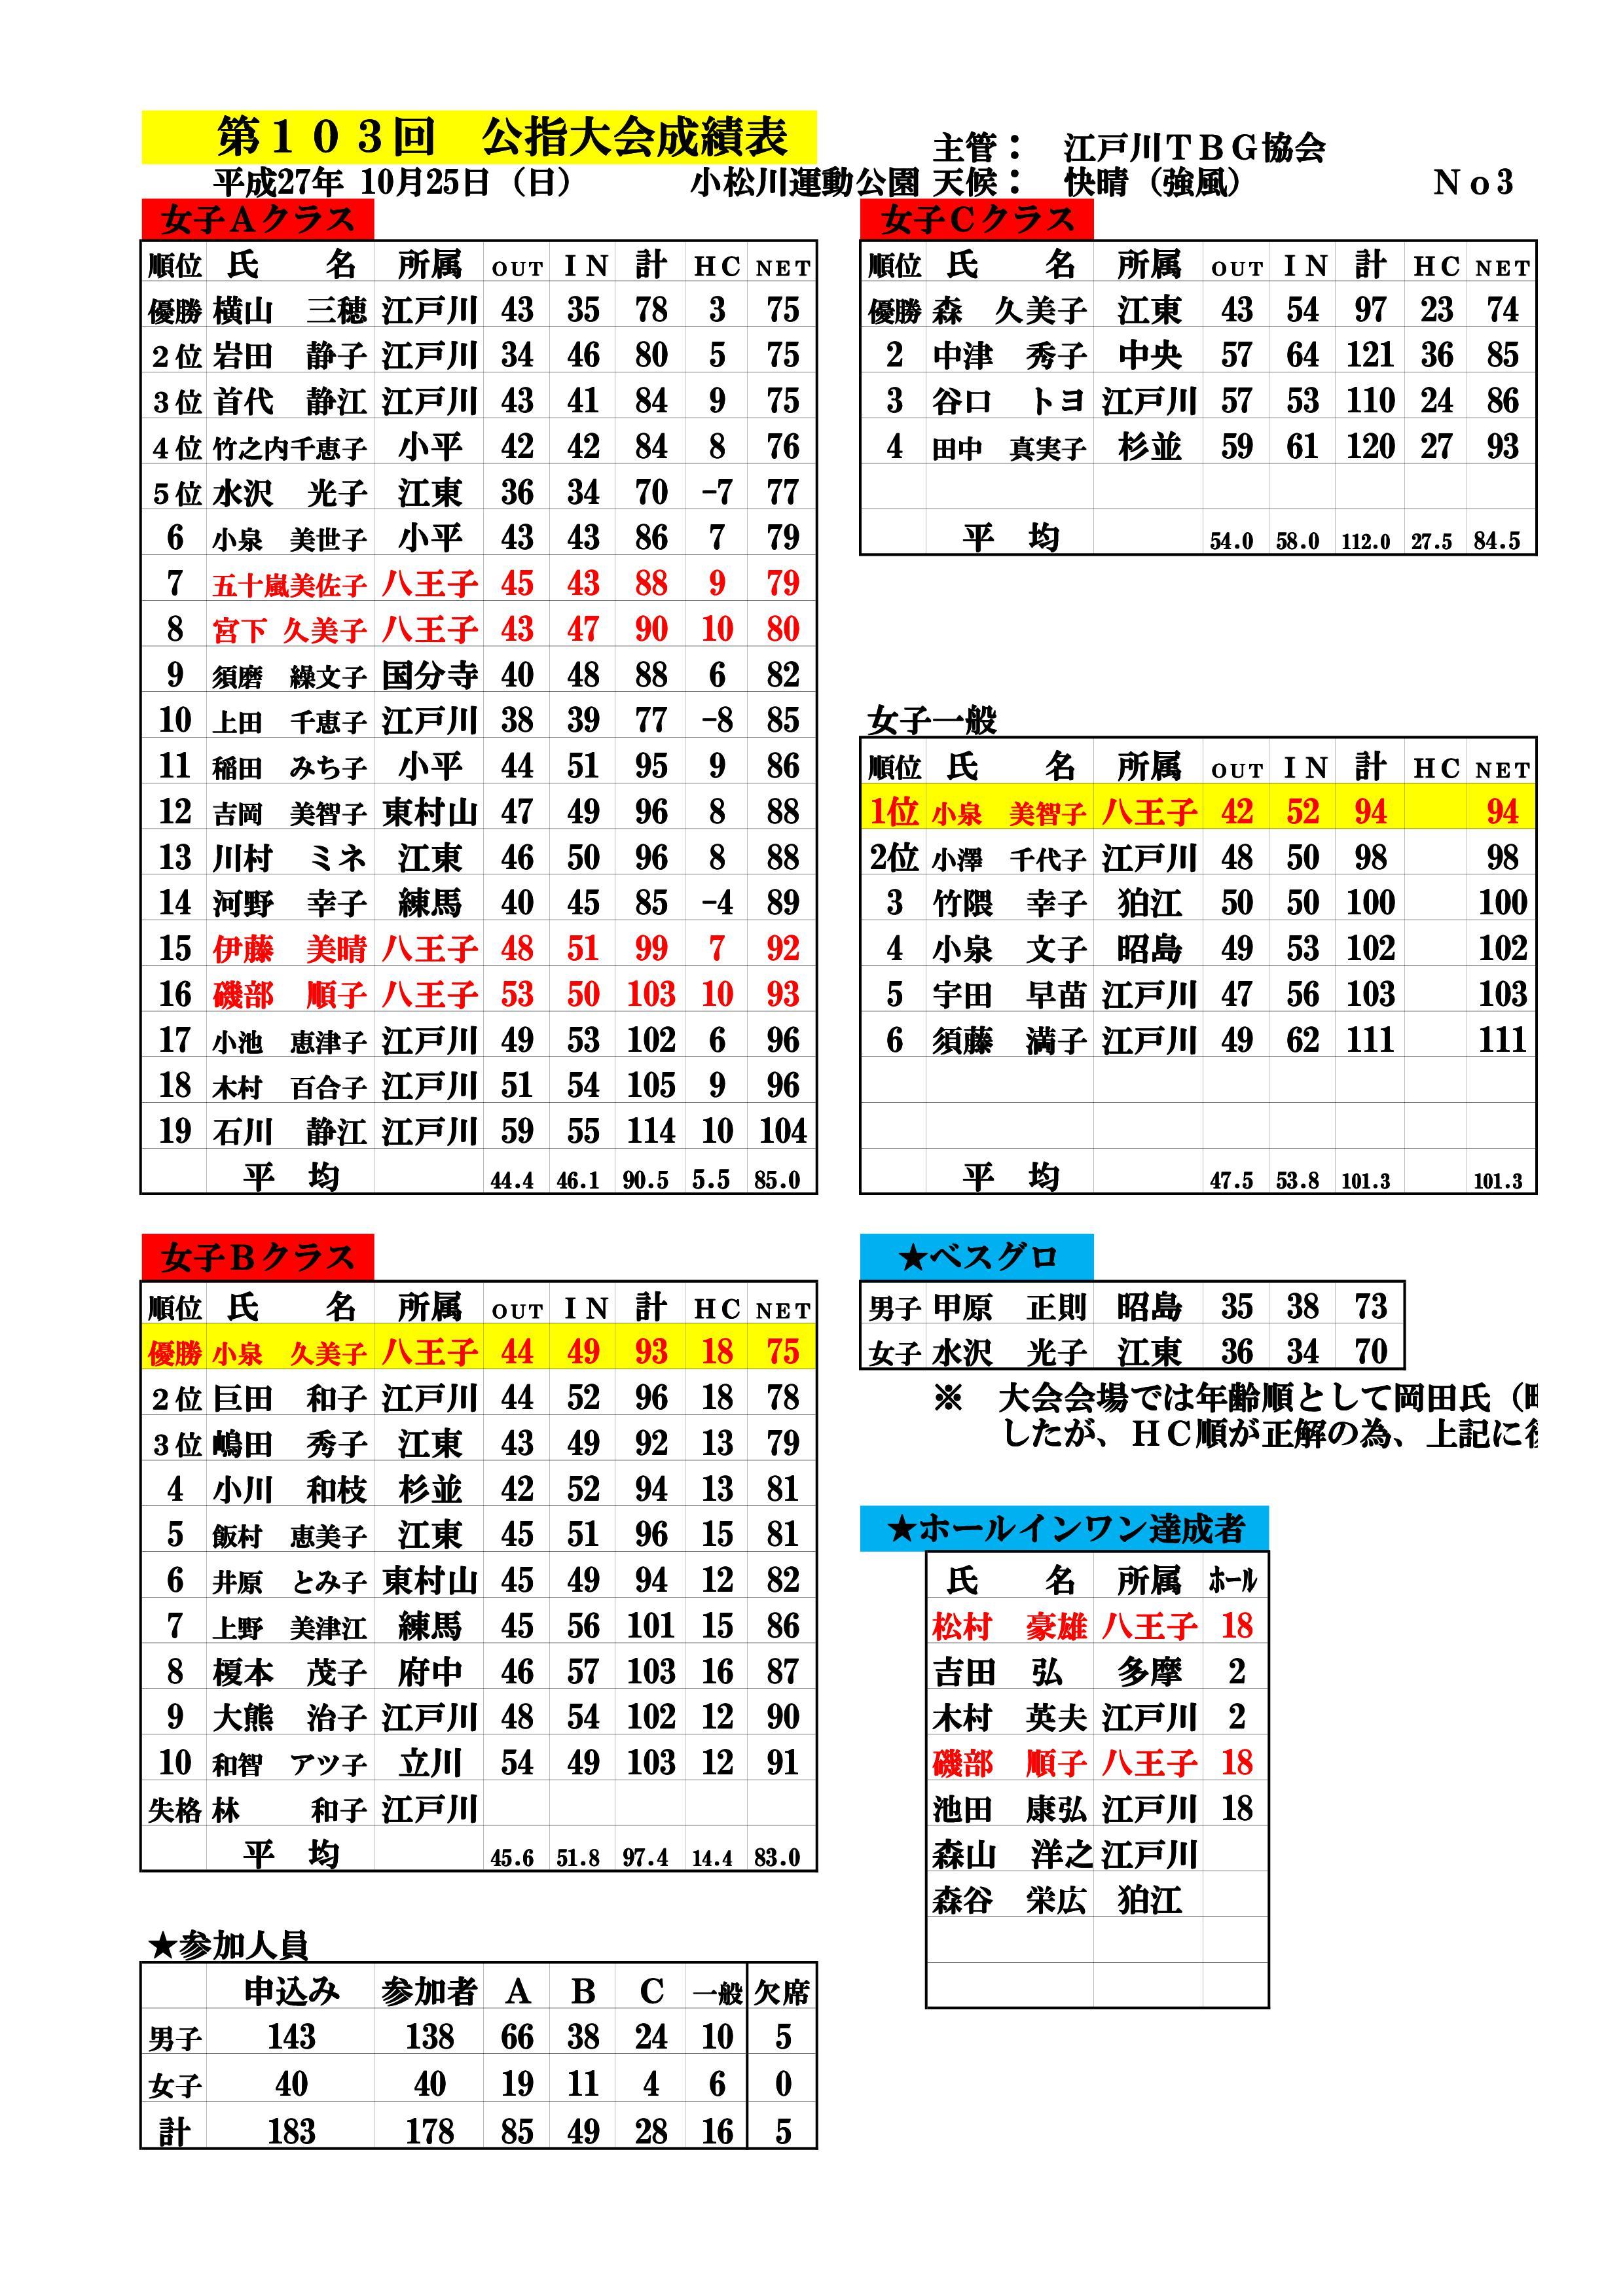 第103回公認指導者大会成績表&HC改定(27.10.25.小松川運動公園)-003